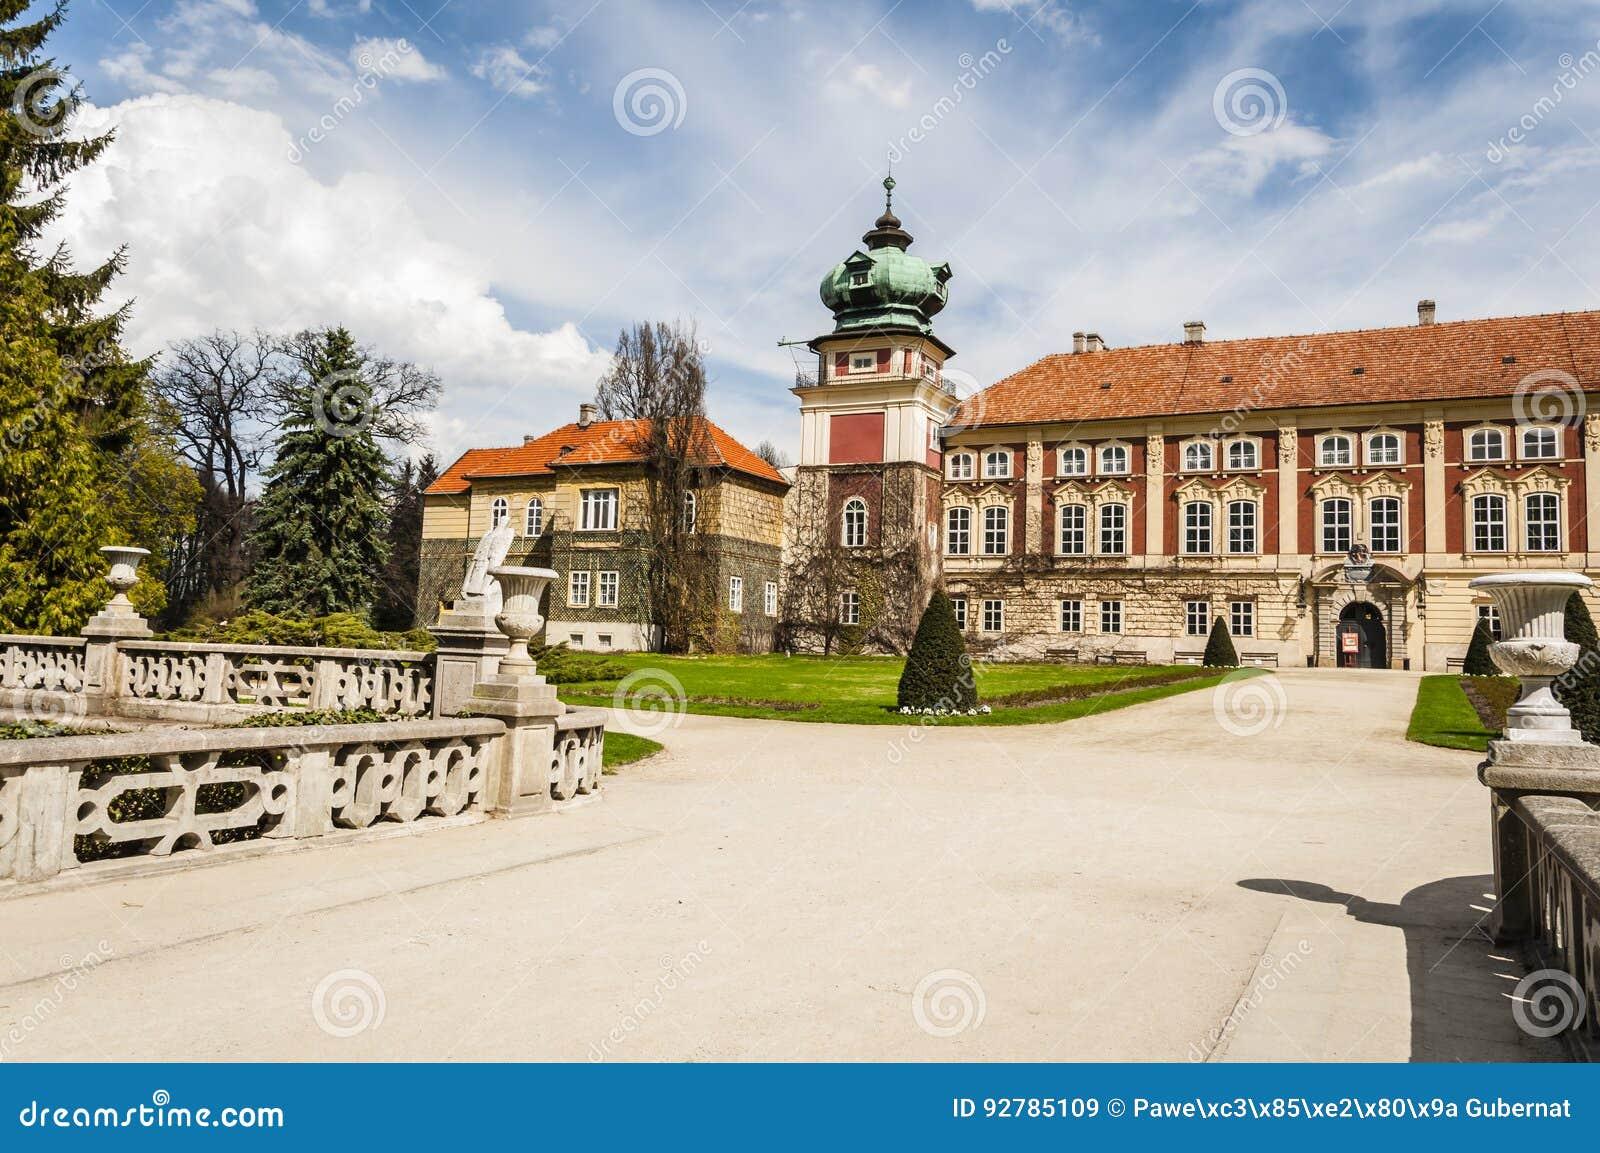 Lancut slott uppehållet av Pileckien, Lubomirskien och Potocen